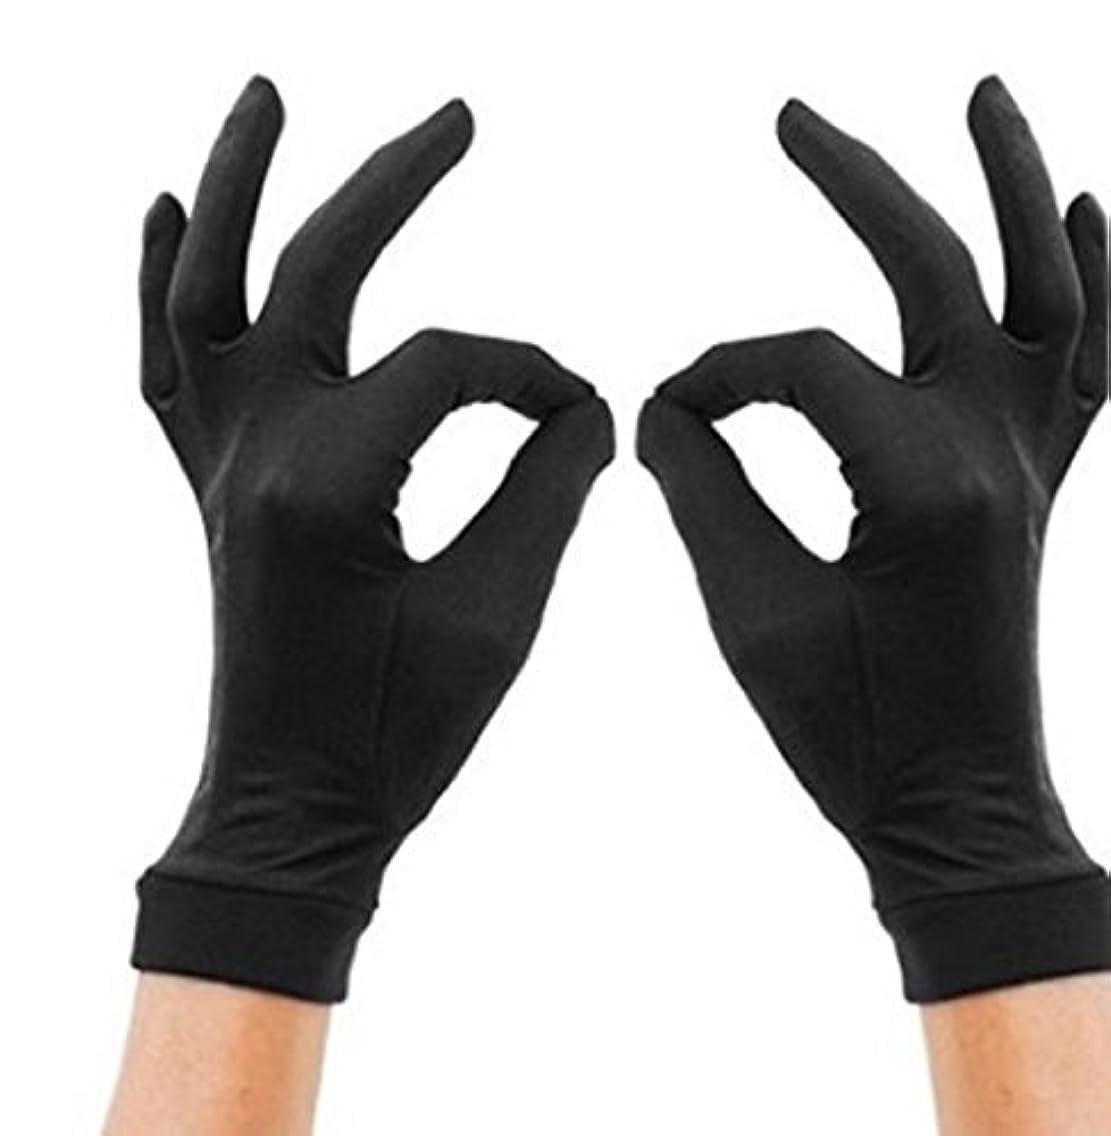 旋律的名前を作る日食CREPUSCOLO 手荒れ対策! シルク手袋 おやすみ 手袋 保湿ケア UVカット ハンドケア シルク100% 全7色 ブラック